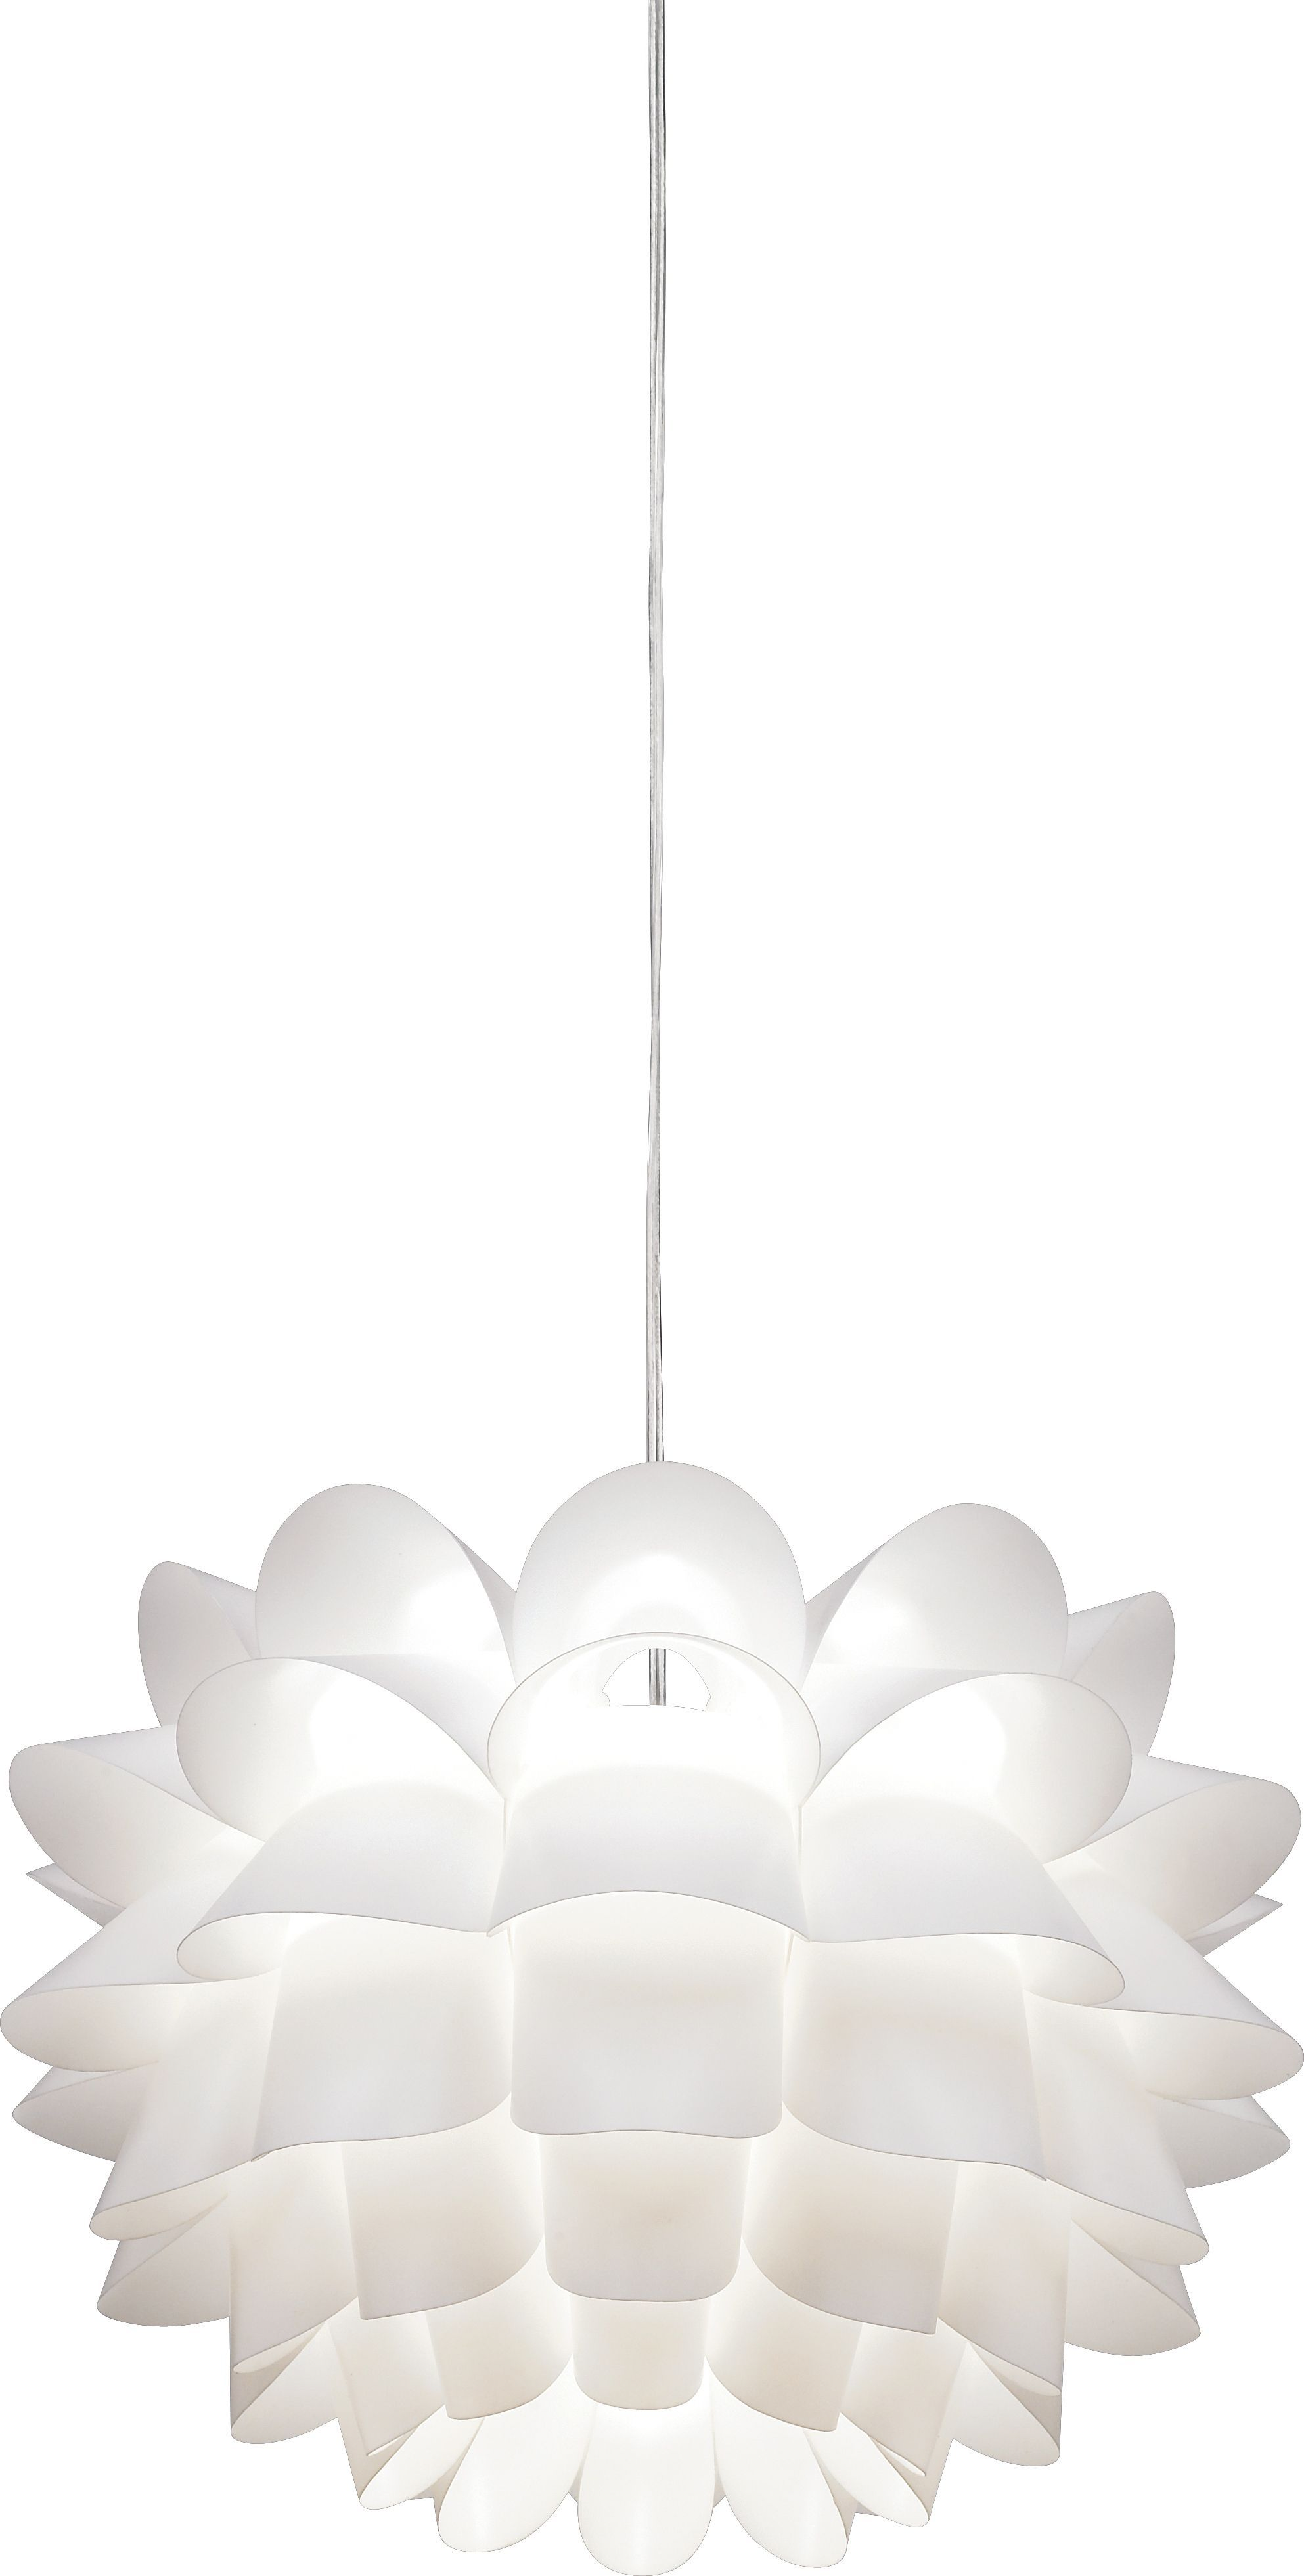 Possini Euro Design White Flower Acrylic Pendant Chandelier Style Lighting